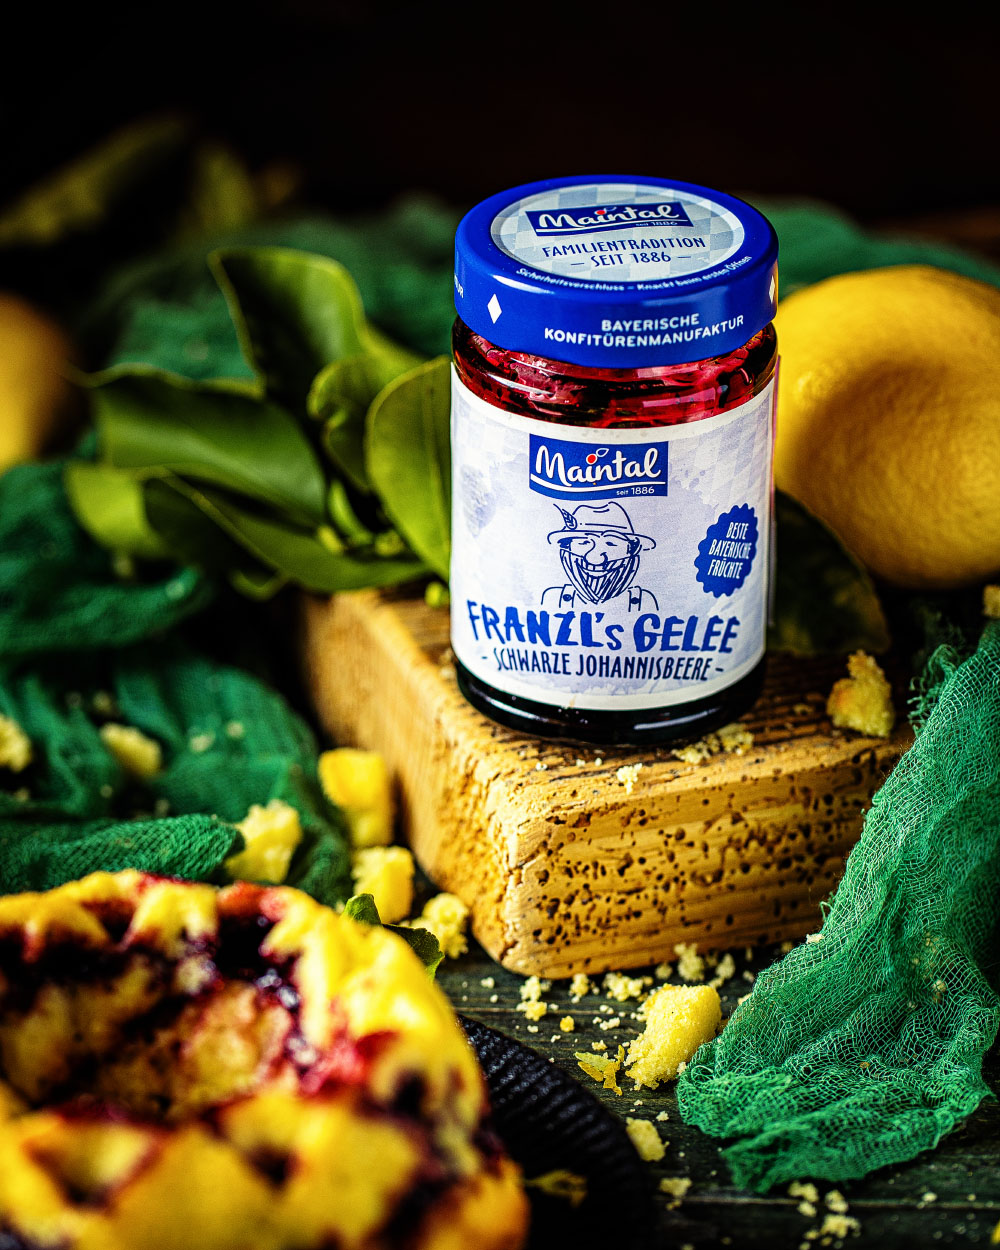 Zitronen-Johannisbeer-Gugelhupf einfaches Rezept backen mit marmelade geele Maintal